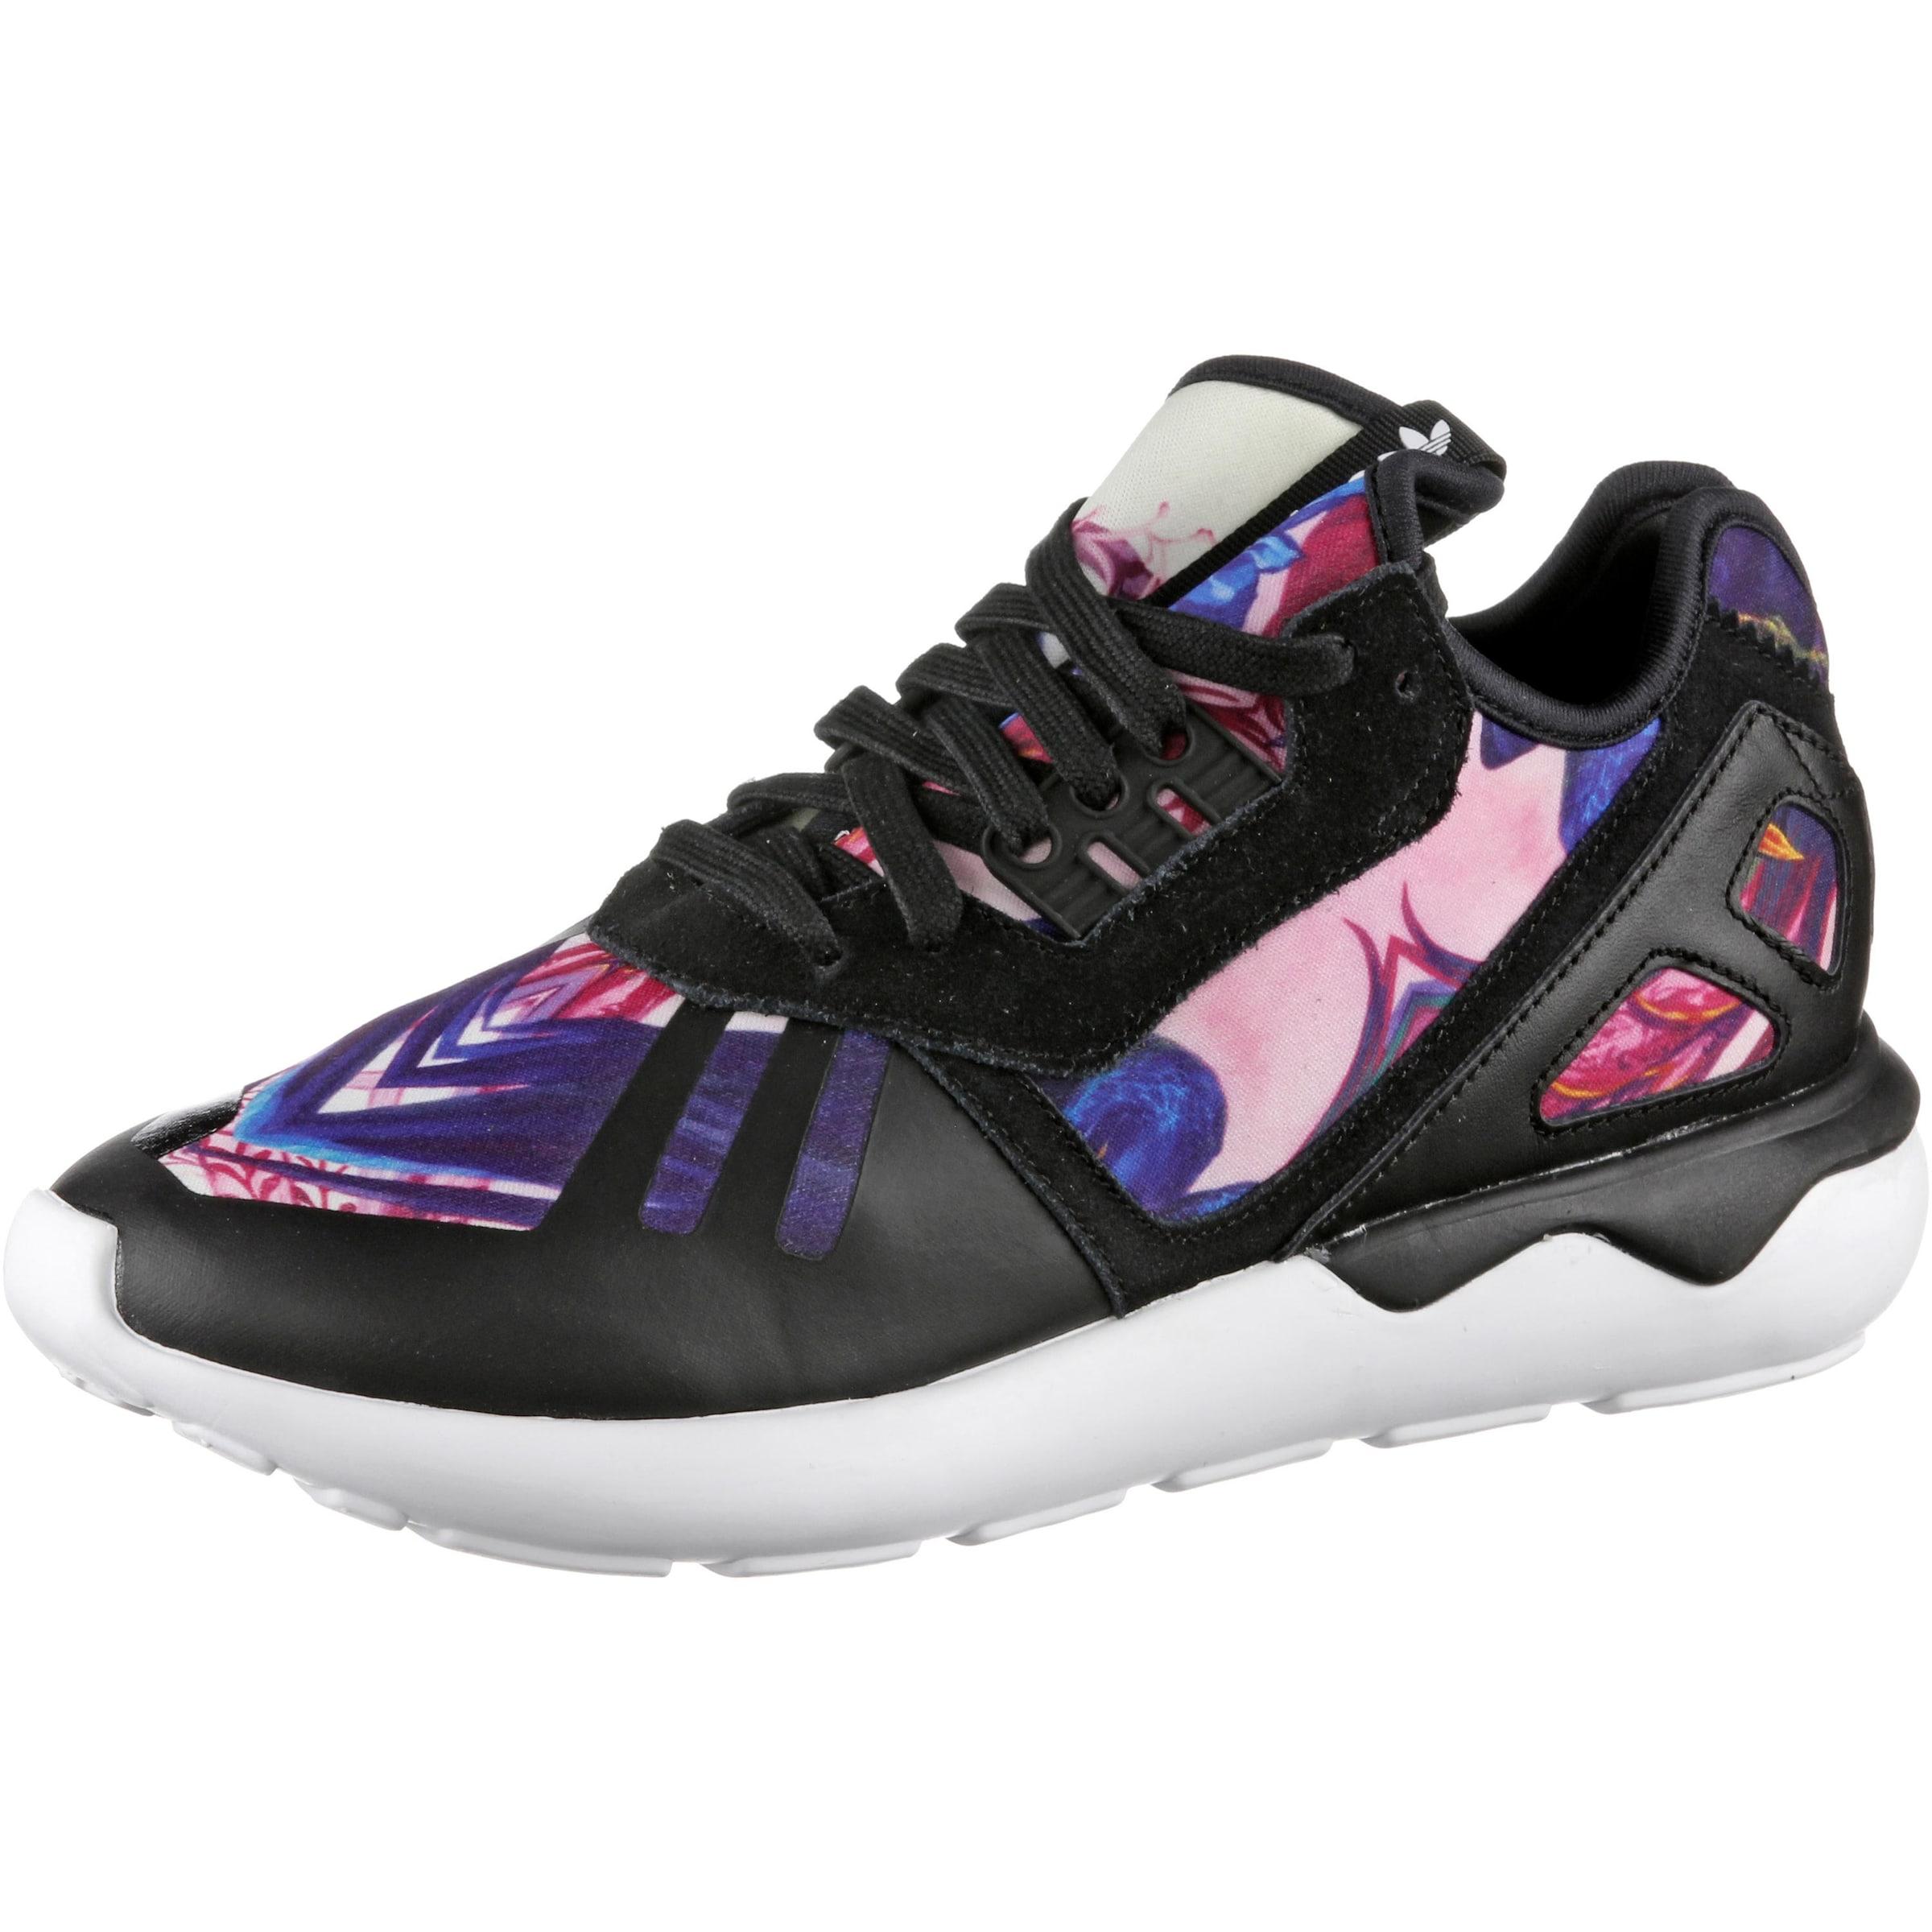 ADIDAS ORIGINALS Sneaker   TUBULAR RUNNER